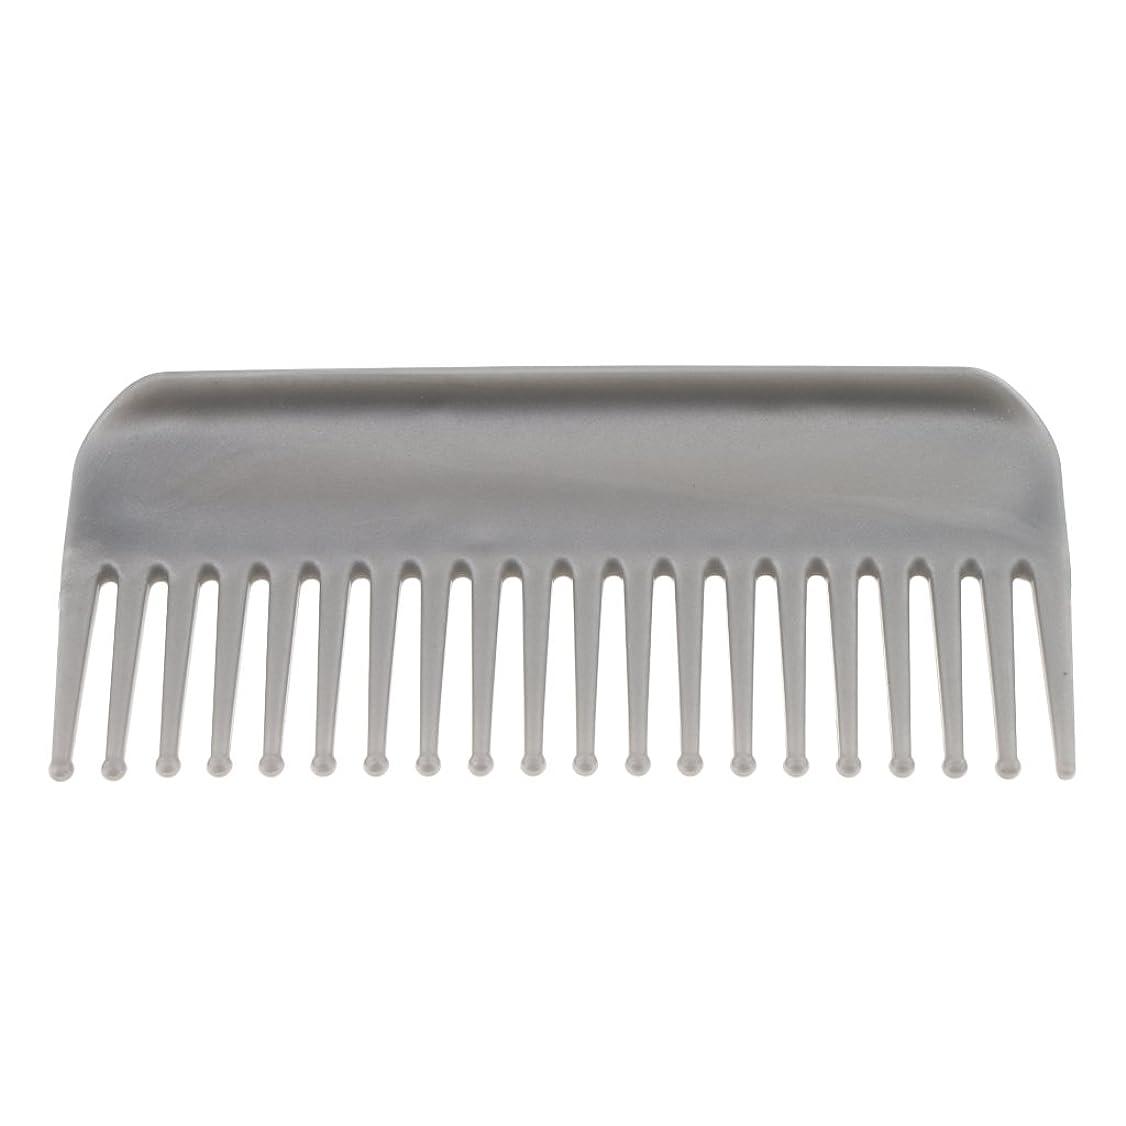 記憶ピアパドルHomyl ヘアブラシ ヘアコーム コーム 櫛 くし 頭皮 マッサージ 使いやすい プロ 美容院 自宅用 滑らかな丸い先端 快適